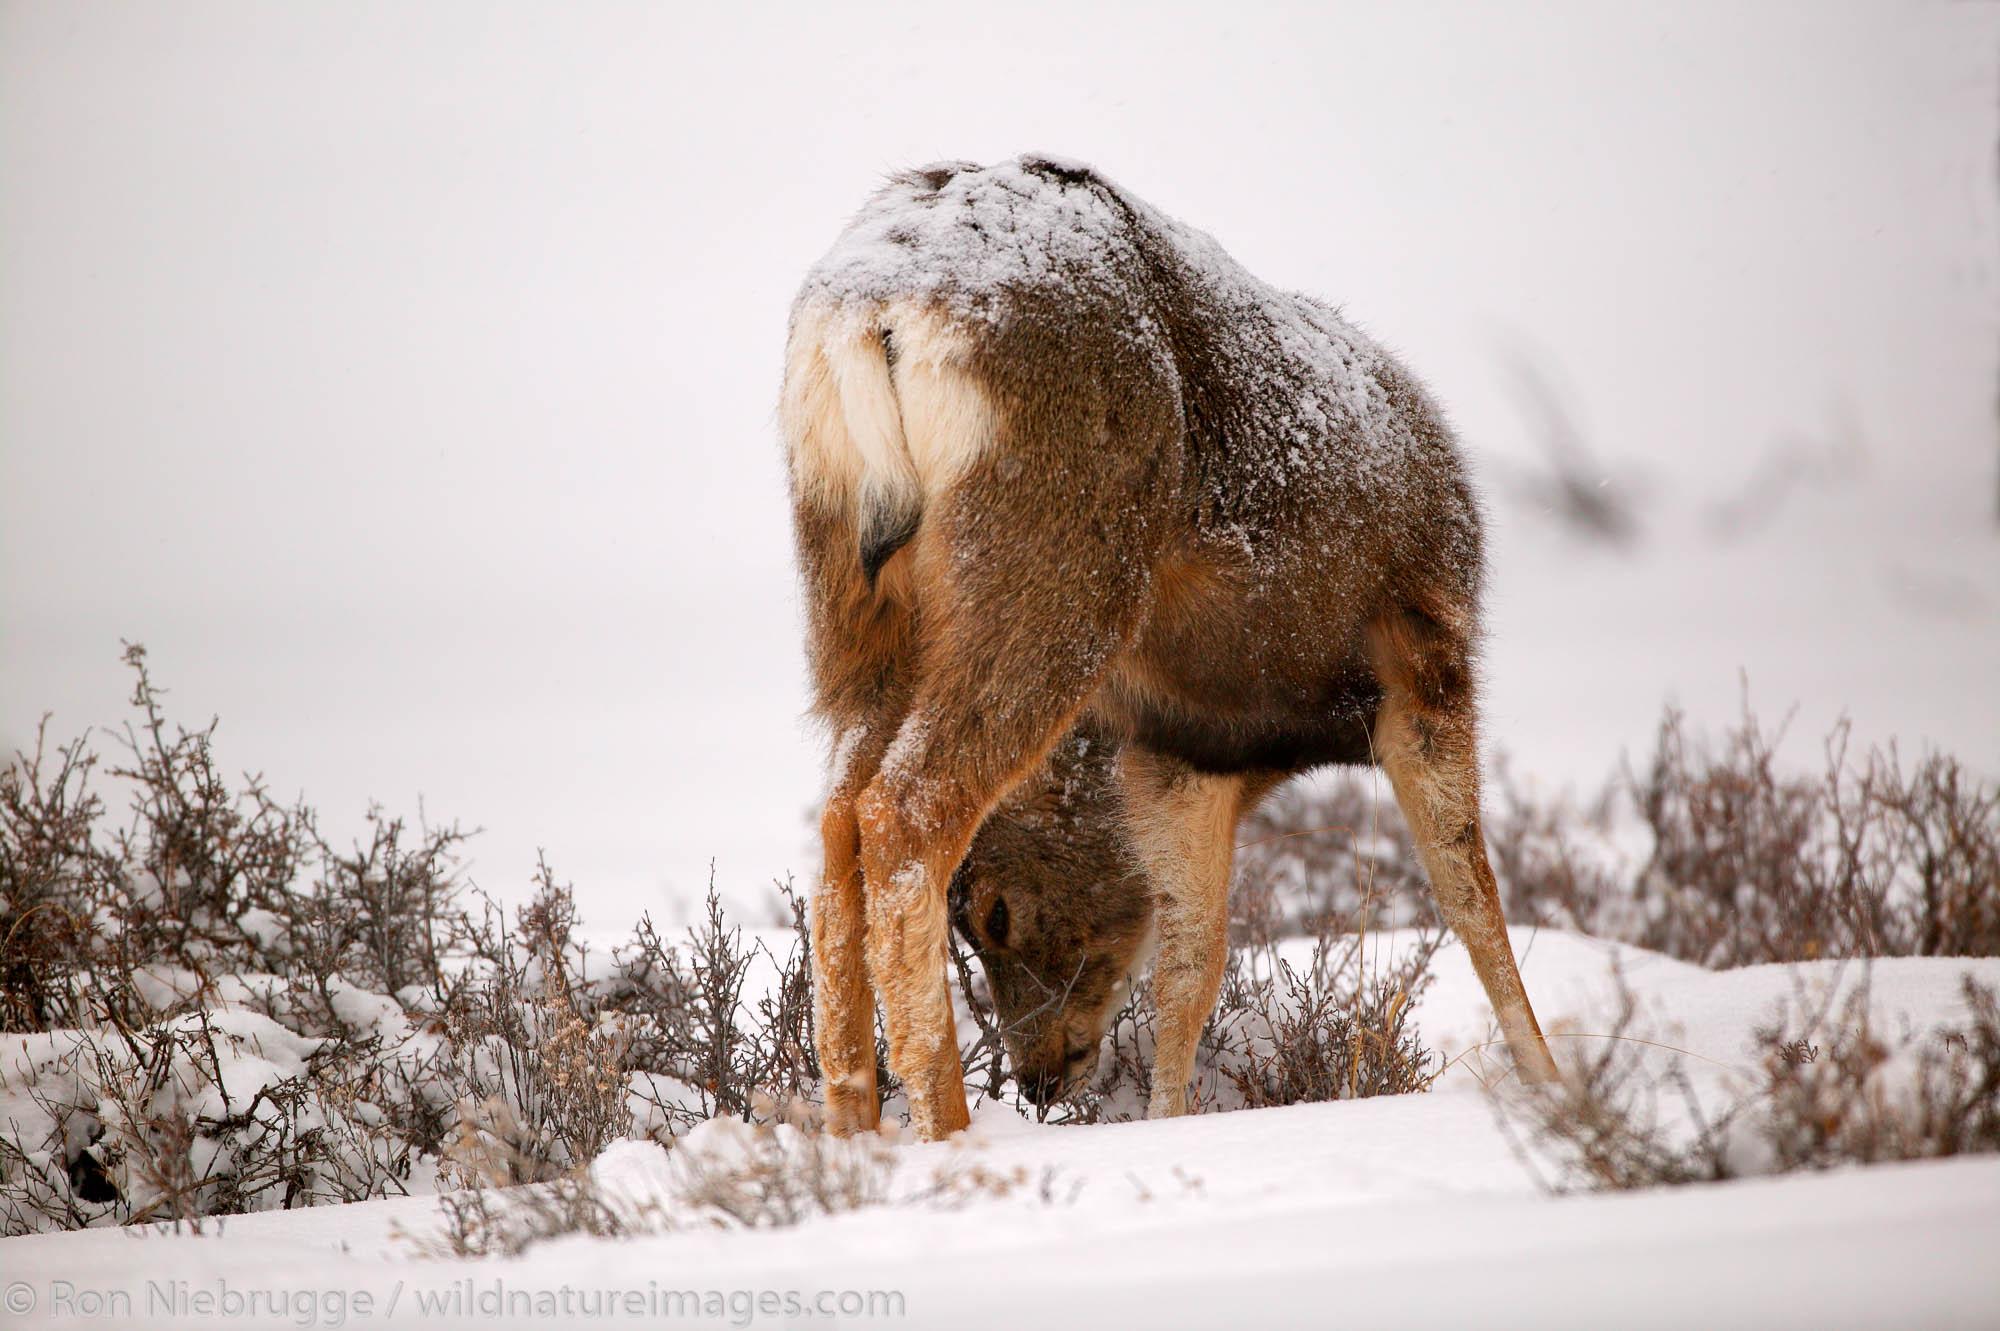 Mule Deer in snow, Bryce National Park, Utah.